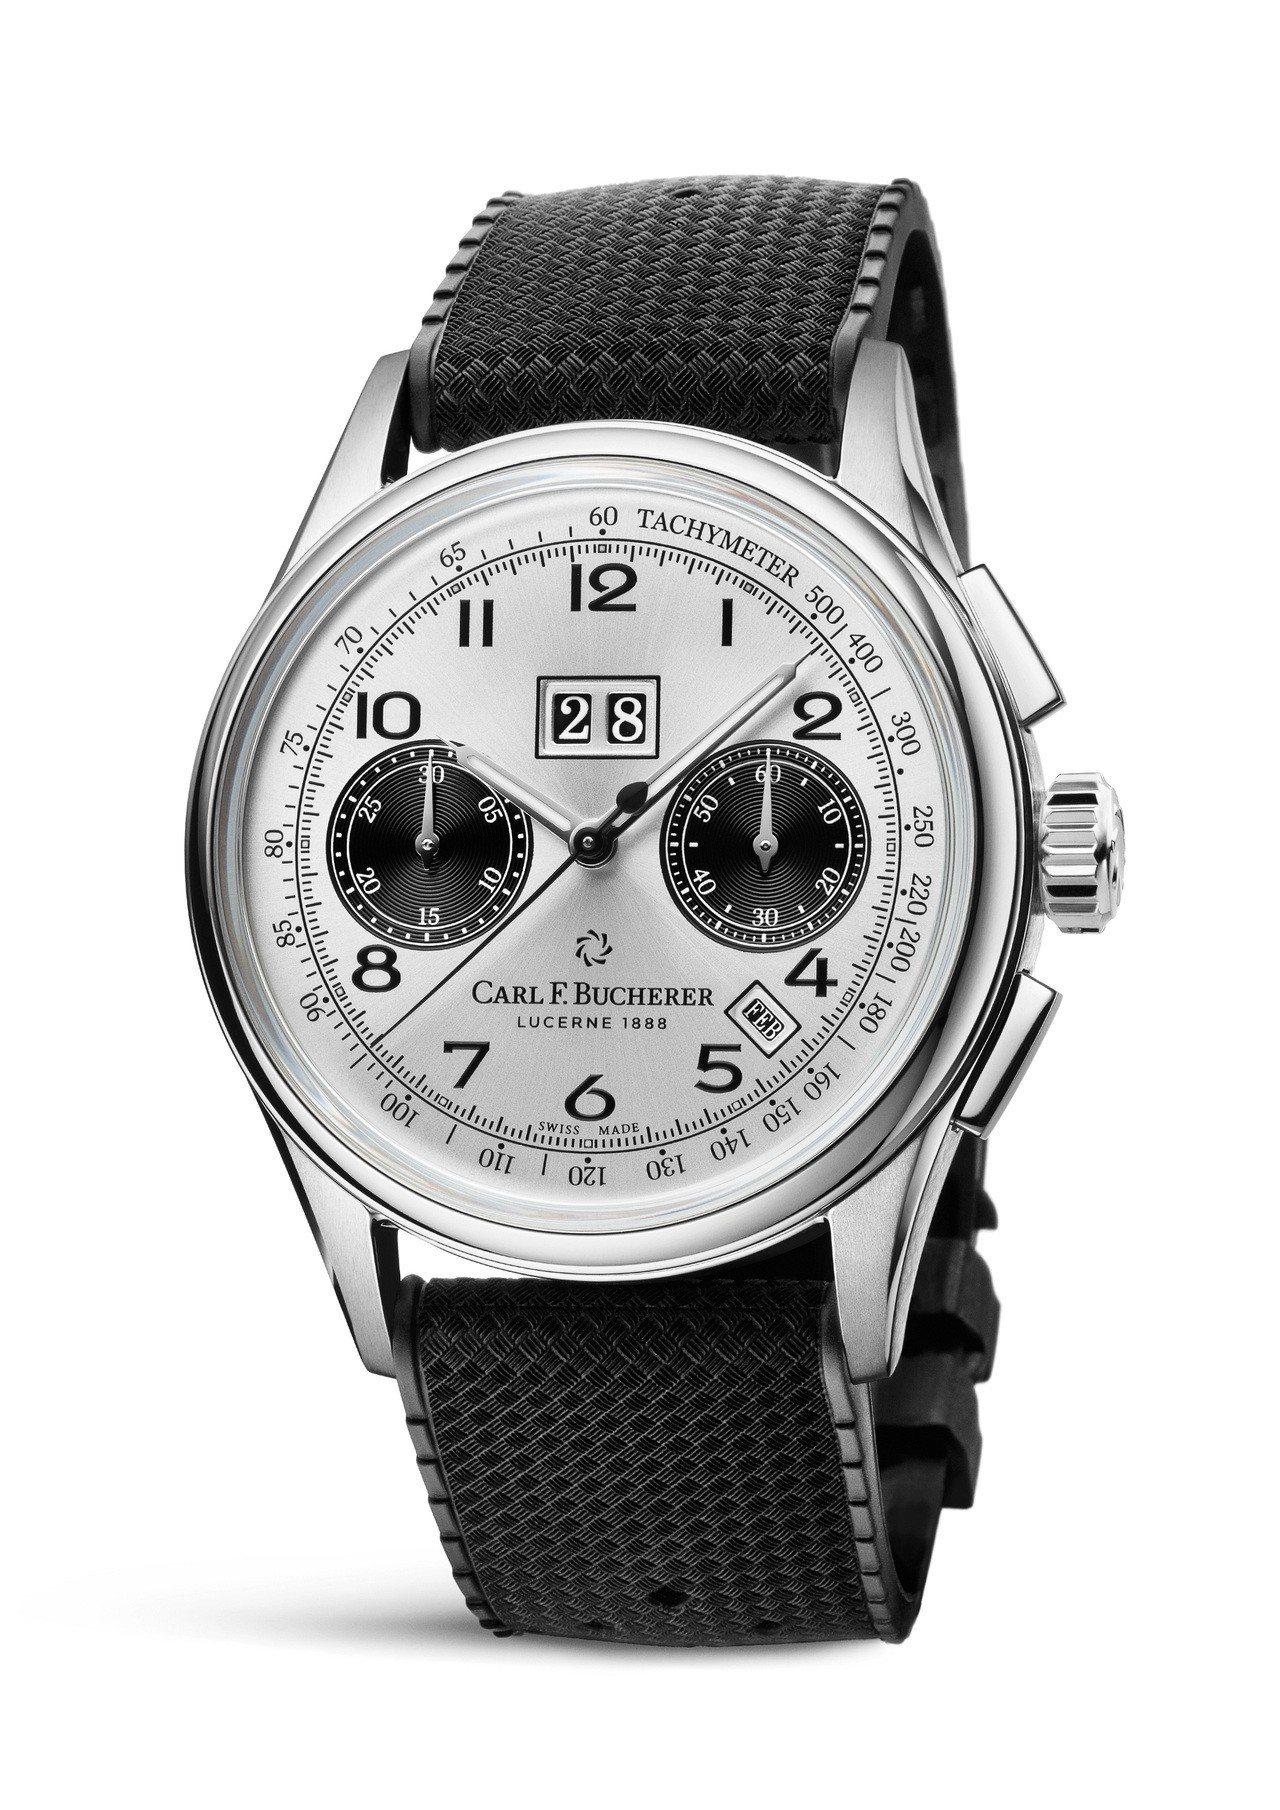 寶齊萊傳承系列年曆雙盤計時碼表精鋼款,41毫米精鋼表殼、CFB 1972自動上鍊...